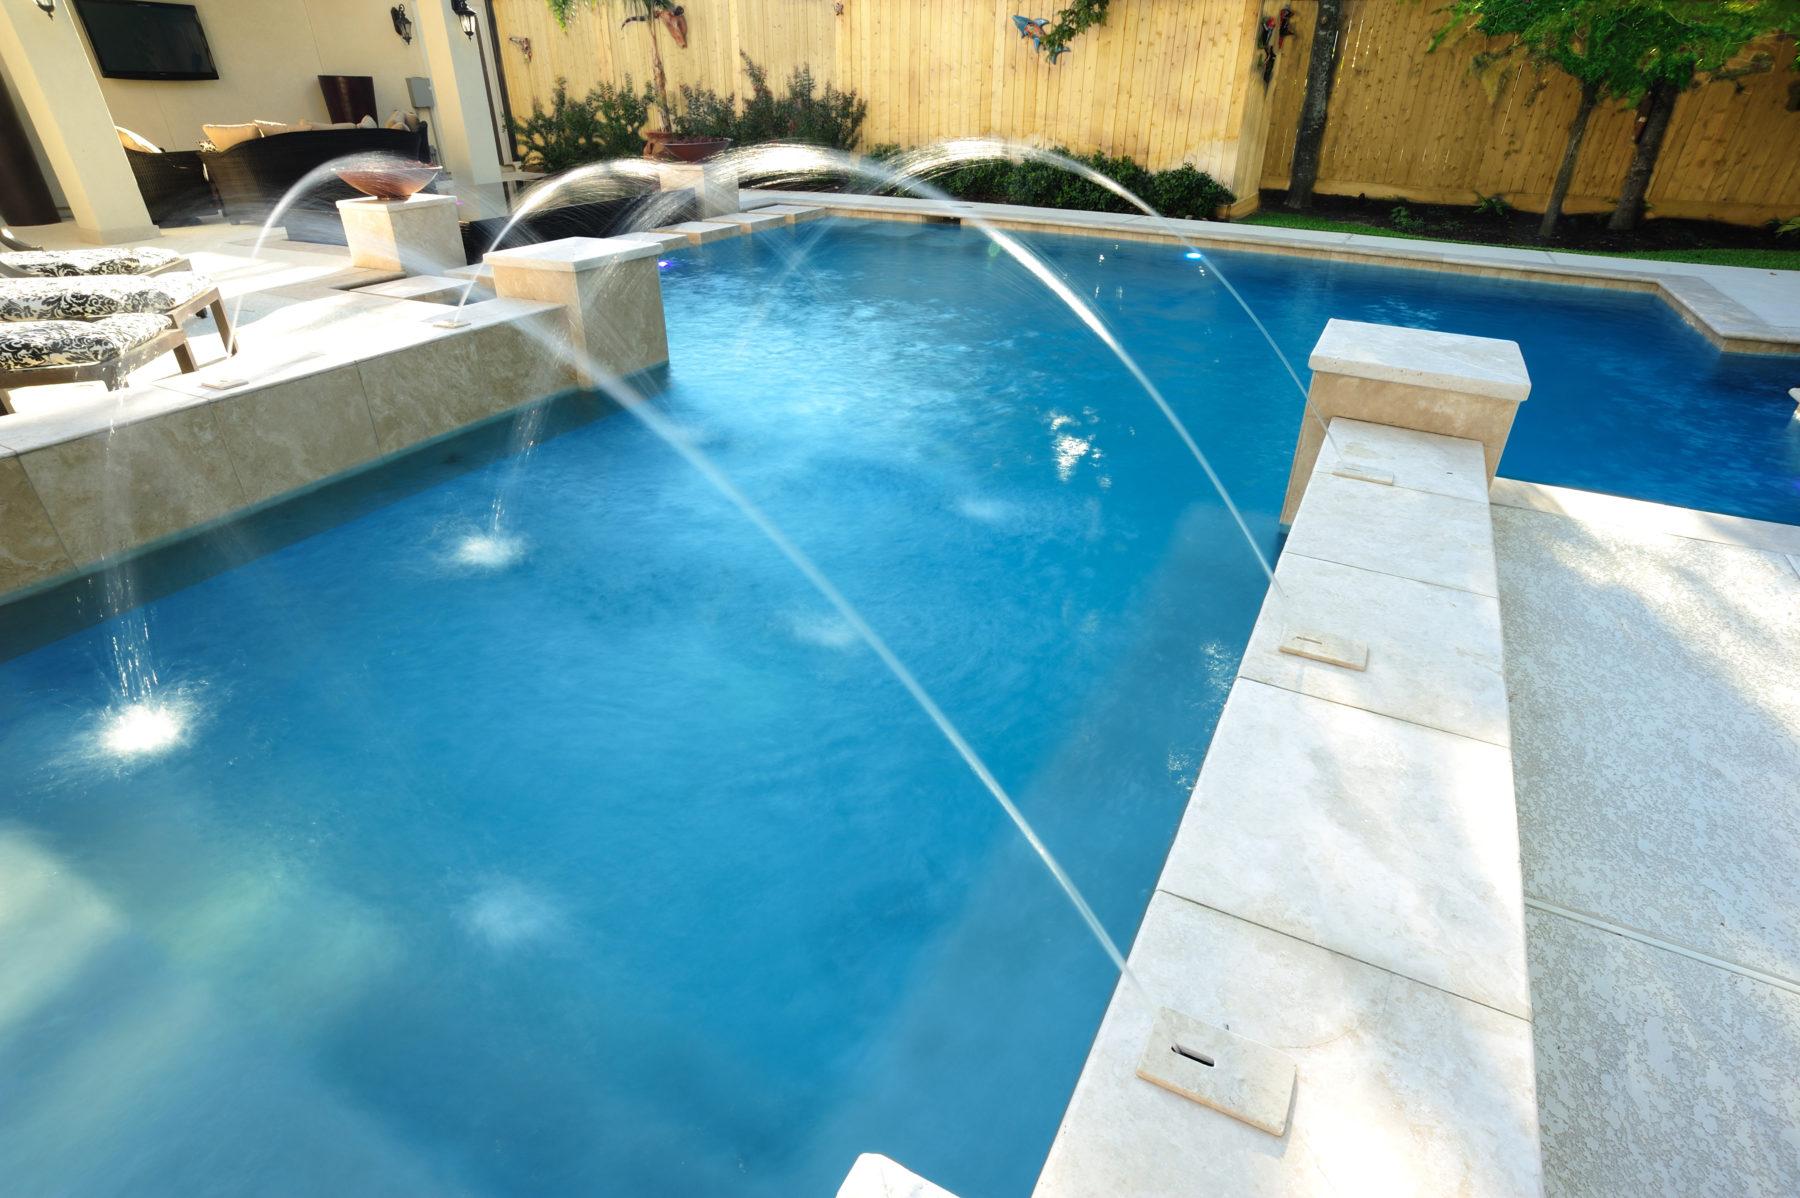 Mini Jets Swimming Pool Wow Effect Platinum Pools regarding dimensions 1800 X 1198